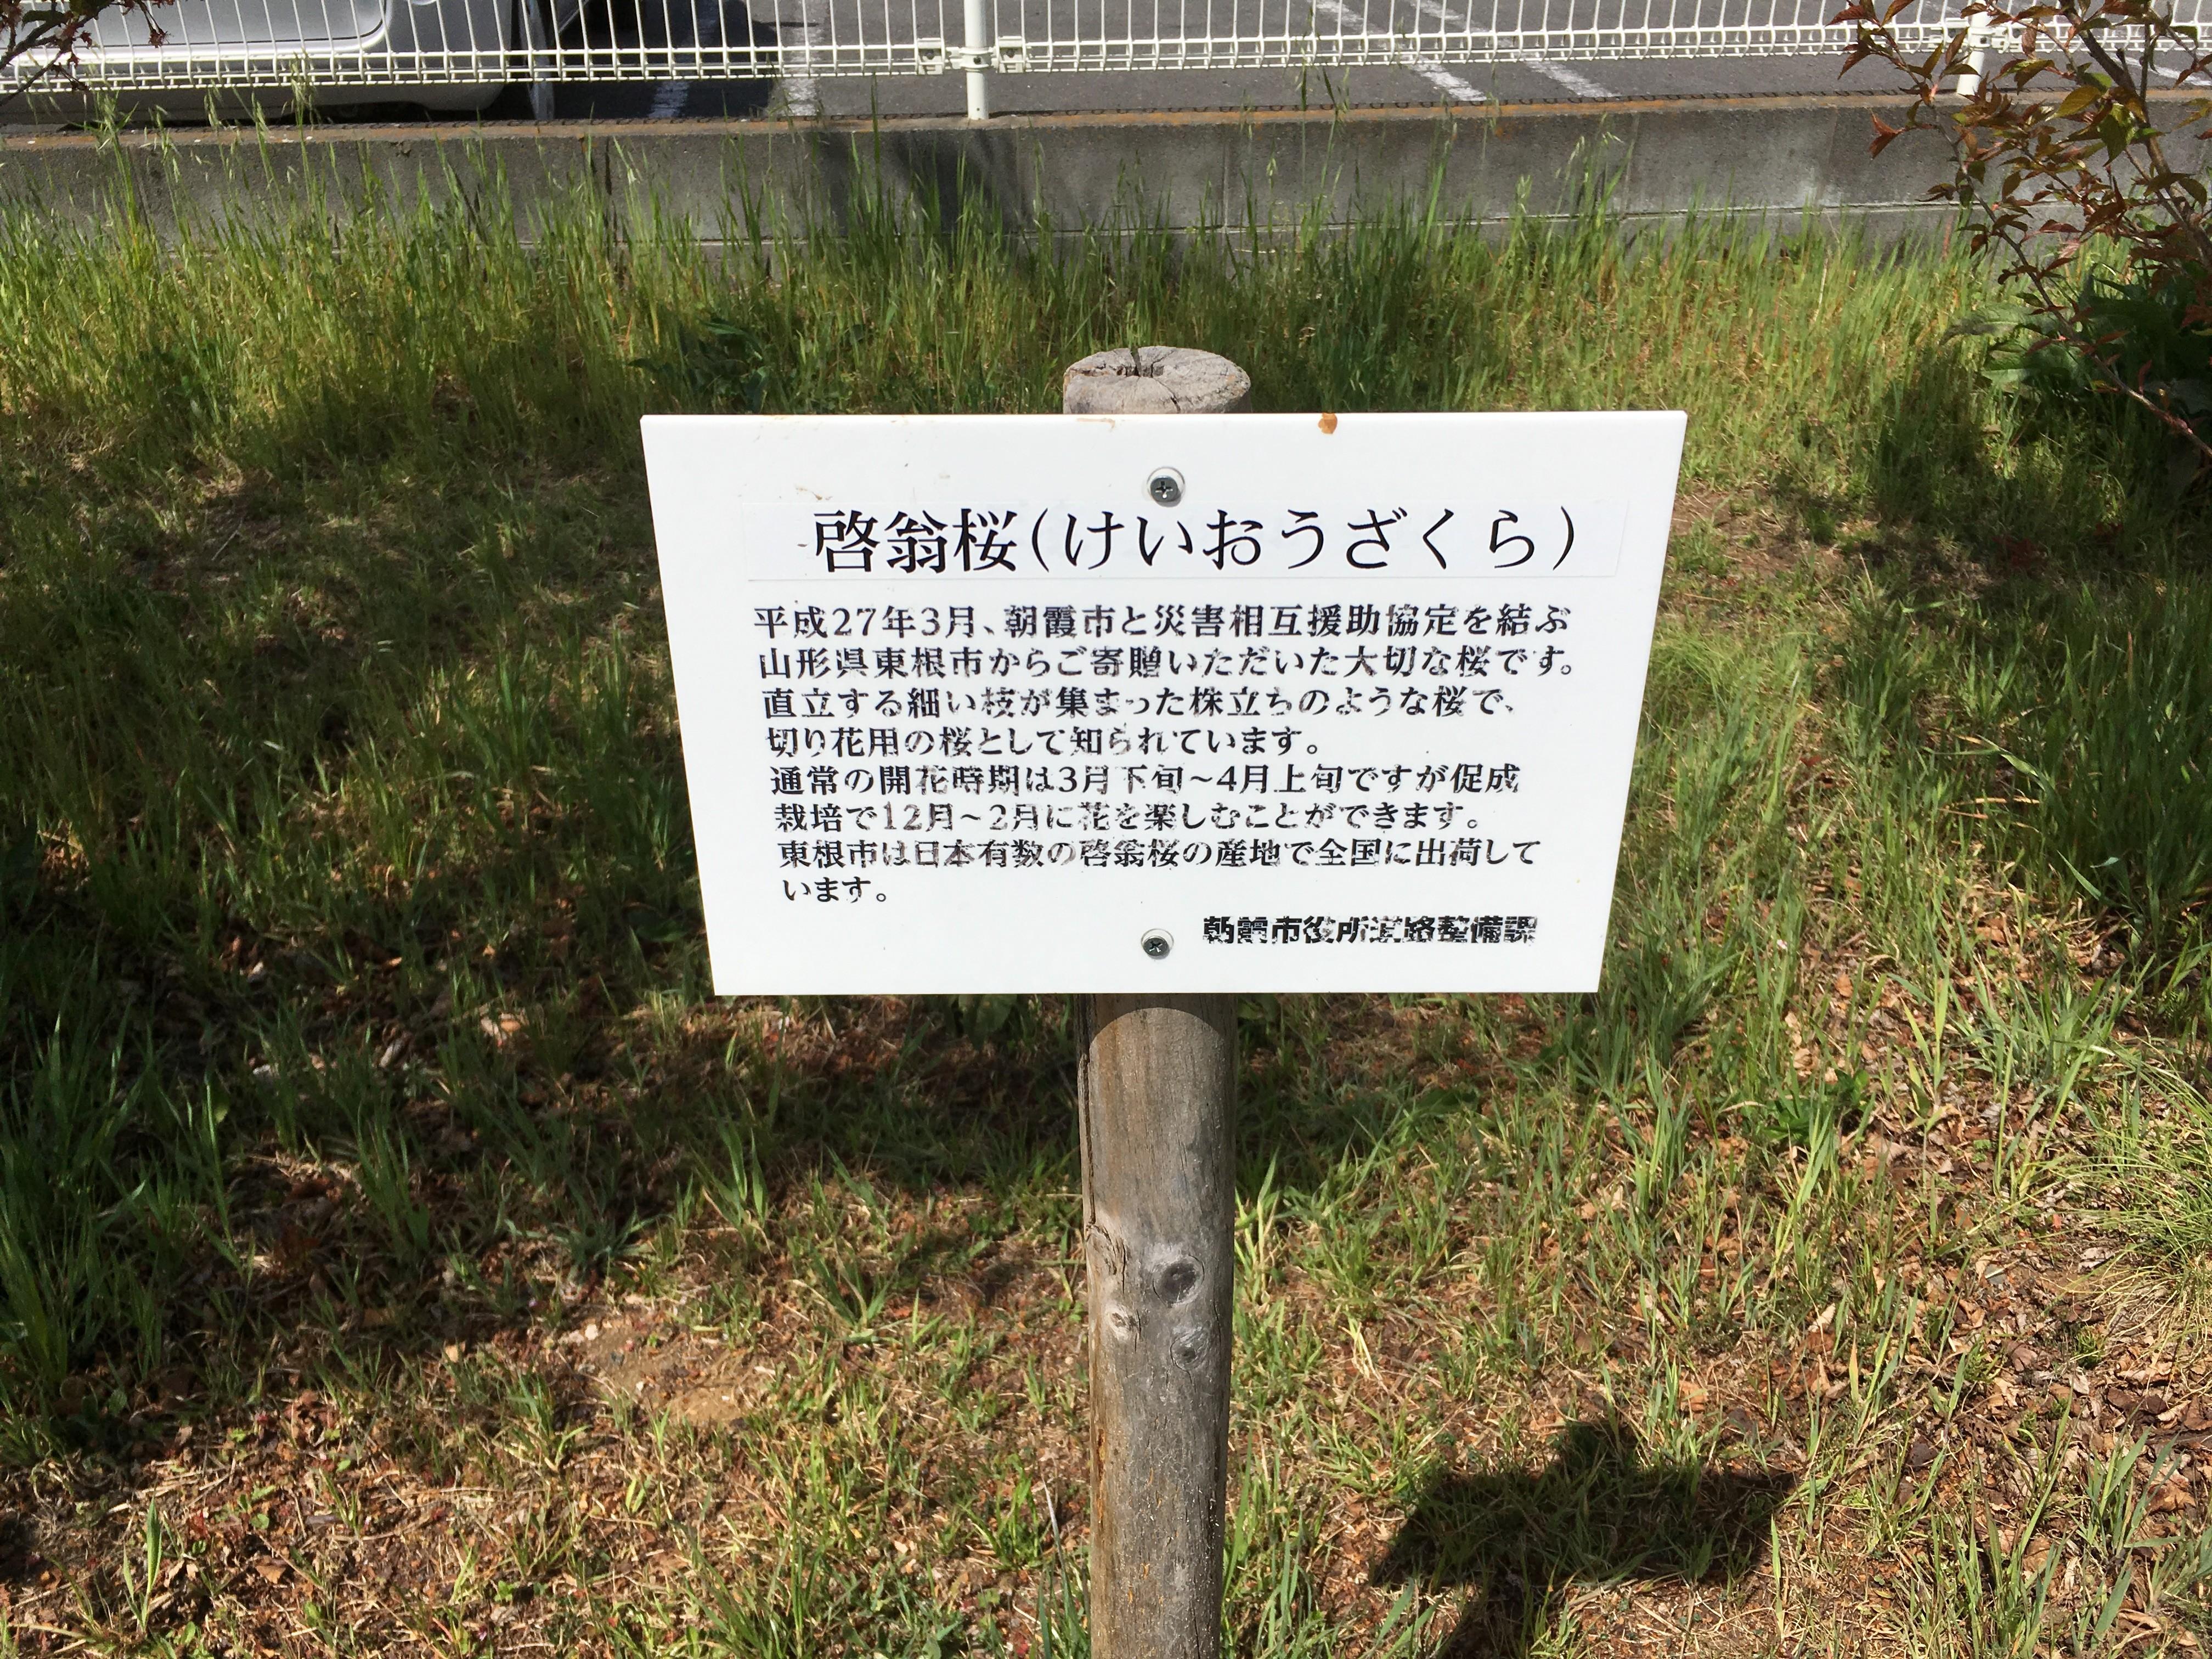 黒目川遊歩道の啓翁桜(けいおうざくら)説明文